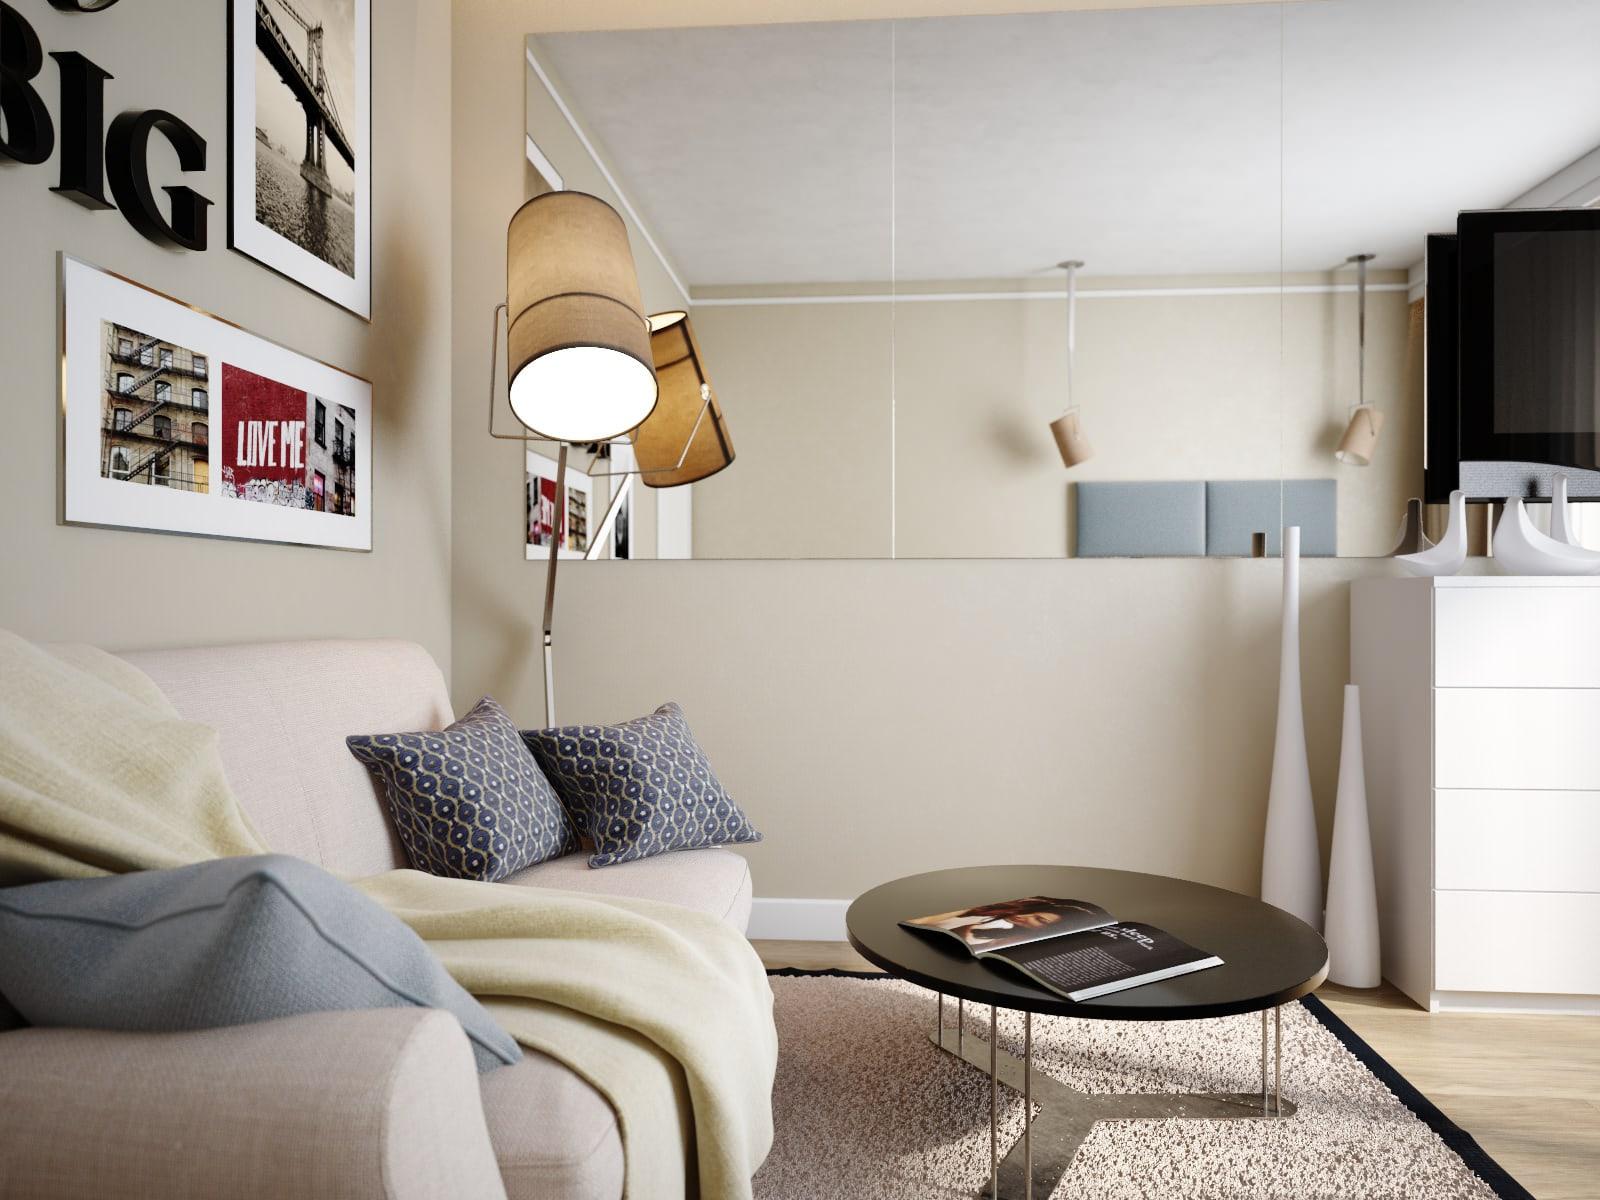 39477 Пример дизайн-проекта квартиры: что в него входит